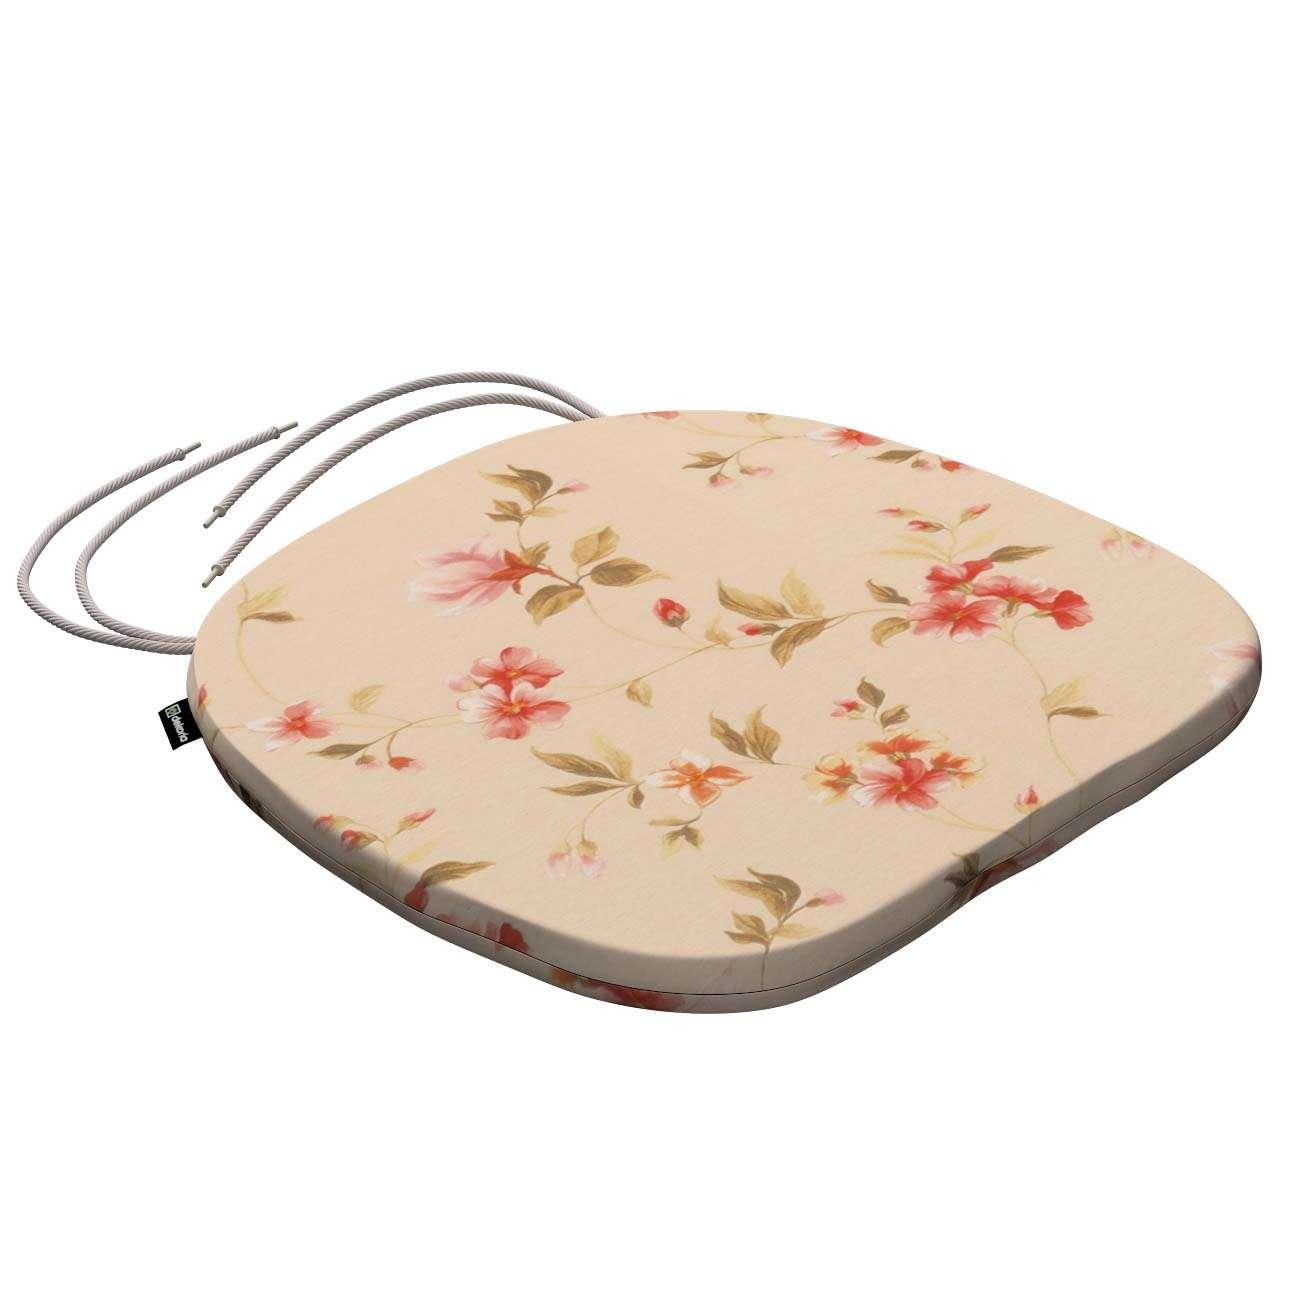 Siedzisko Bartek na krzesło 40x37x2,5cm w kolekcji Londres, tkanina: 124-05